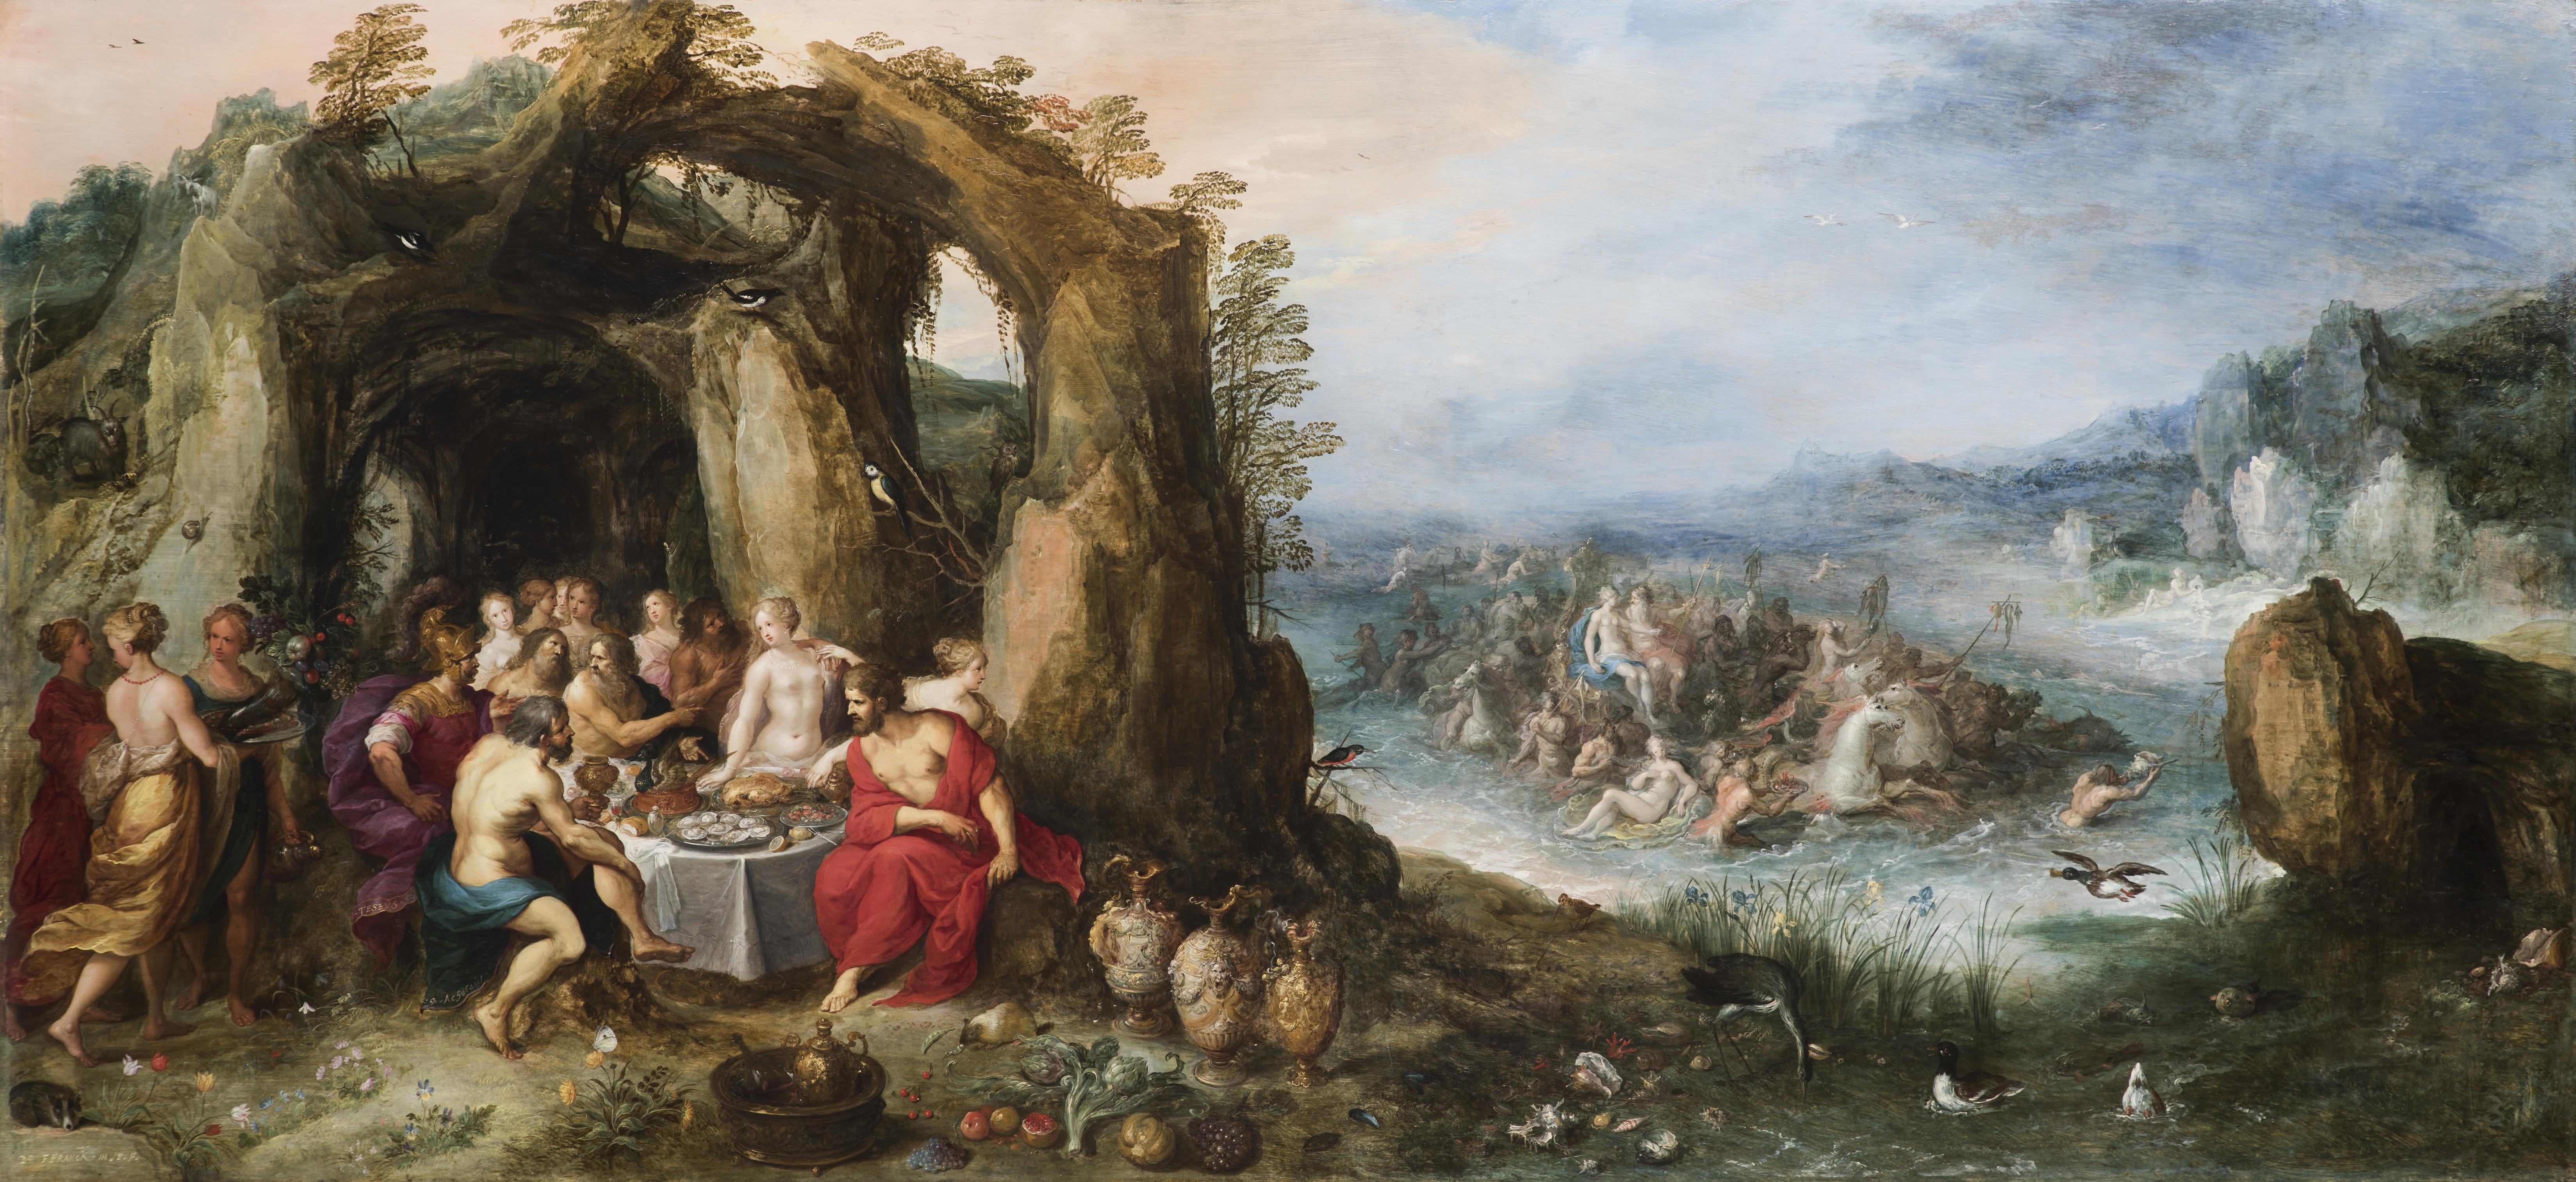 feast-of-the-gods-frans-francken-oil-on-panel-727-x-1575-cm